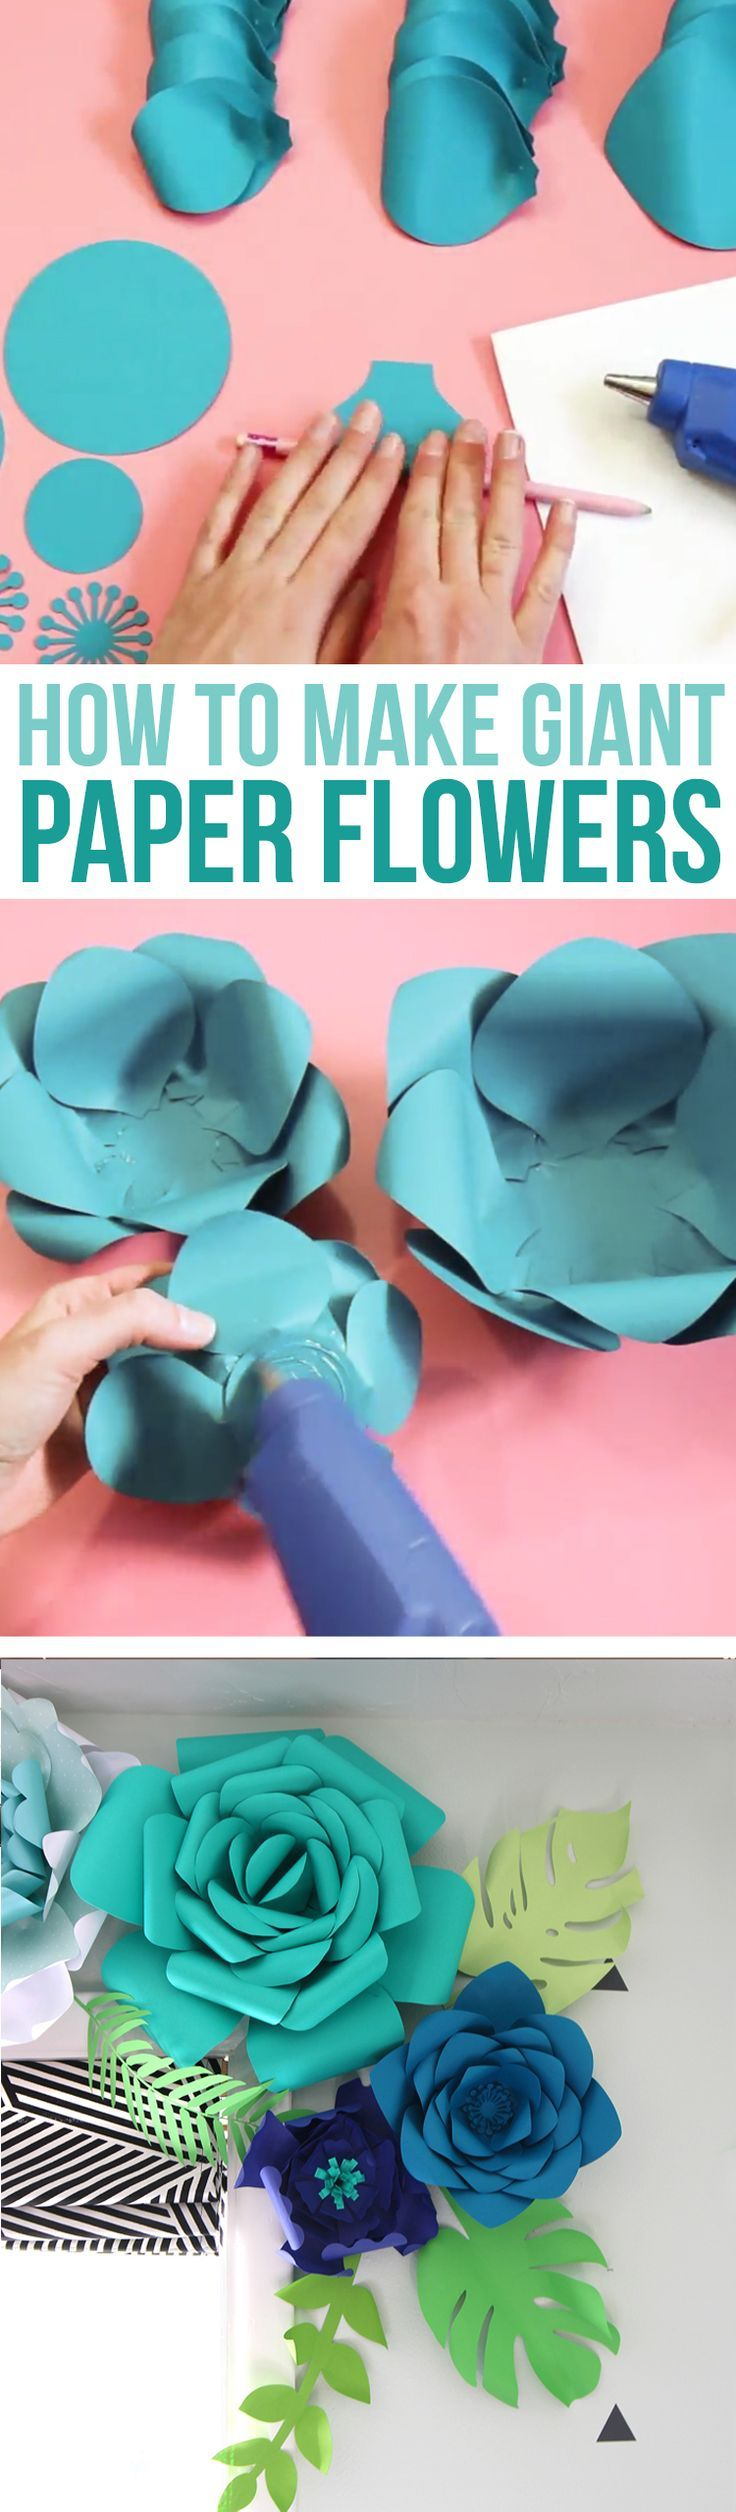 How To Make Paper Flowers Baby Jekjek Pinterest Paper Flowers